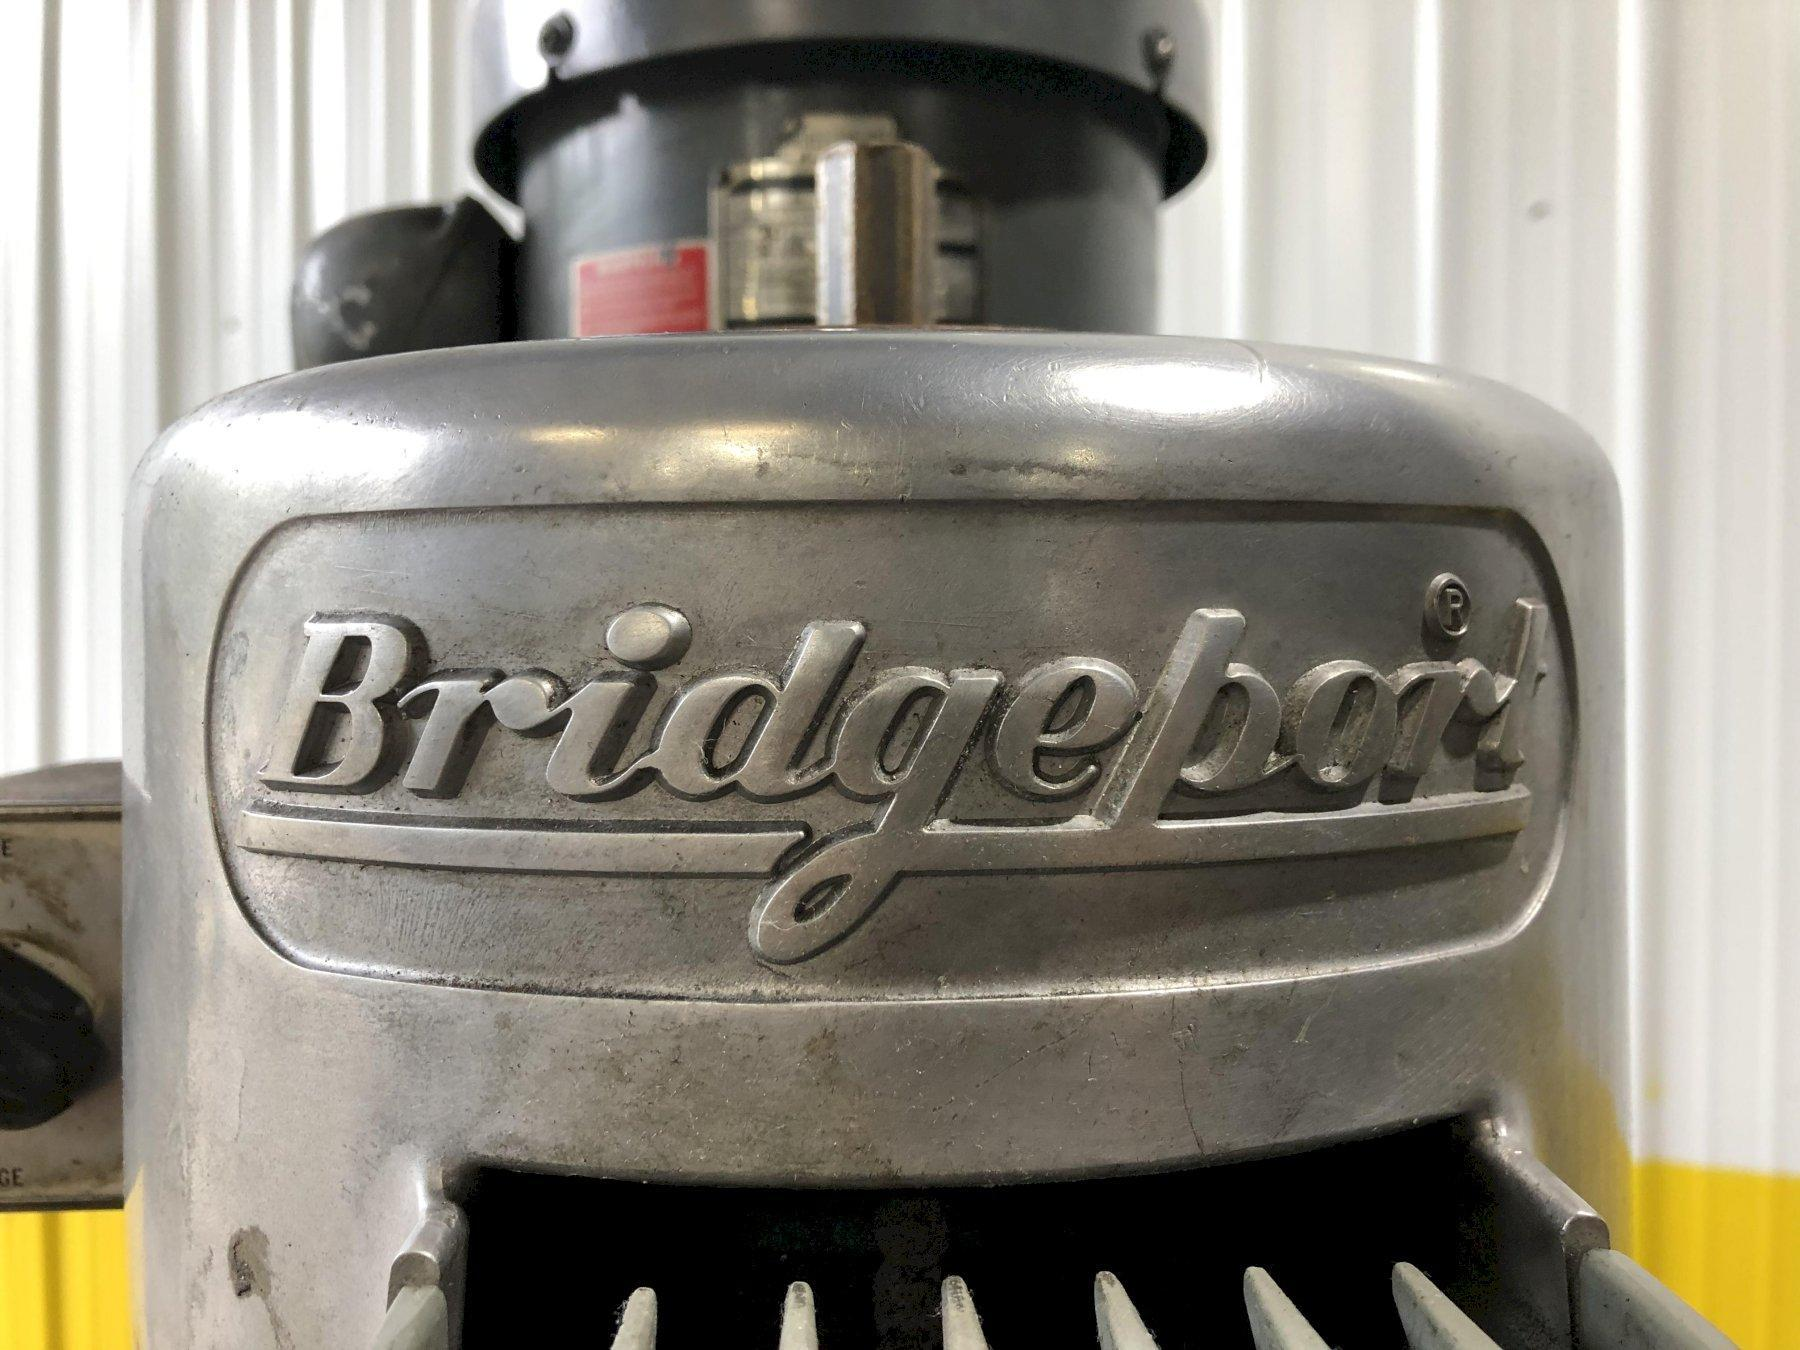 2 HP BRIDGEPORT SERIES I VERTICAL MILL: STOCK #15412